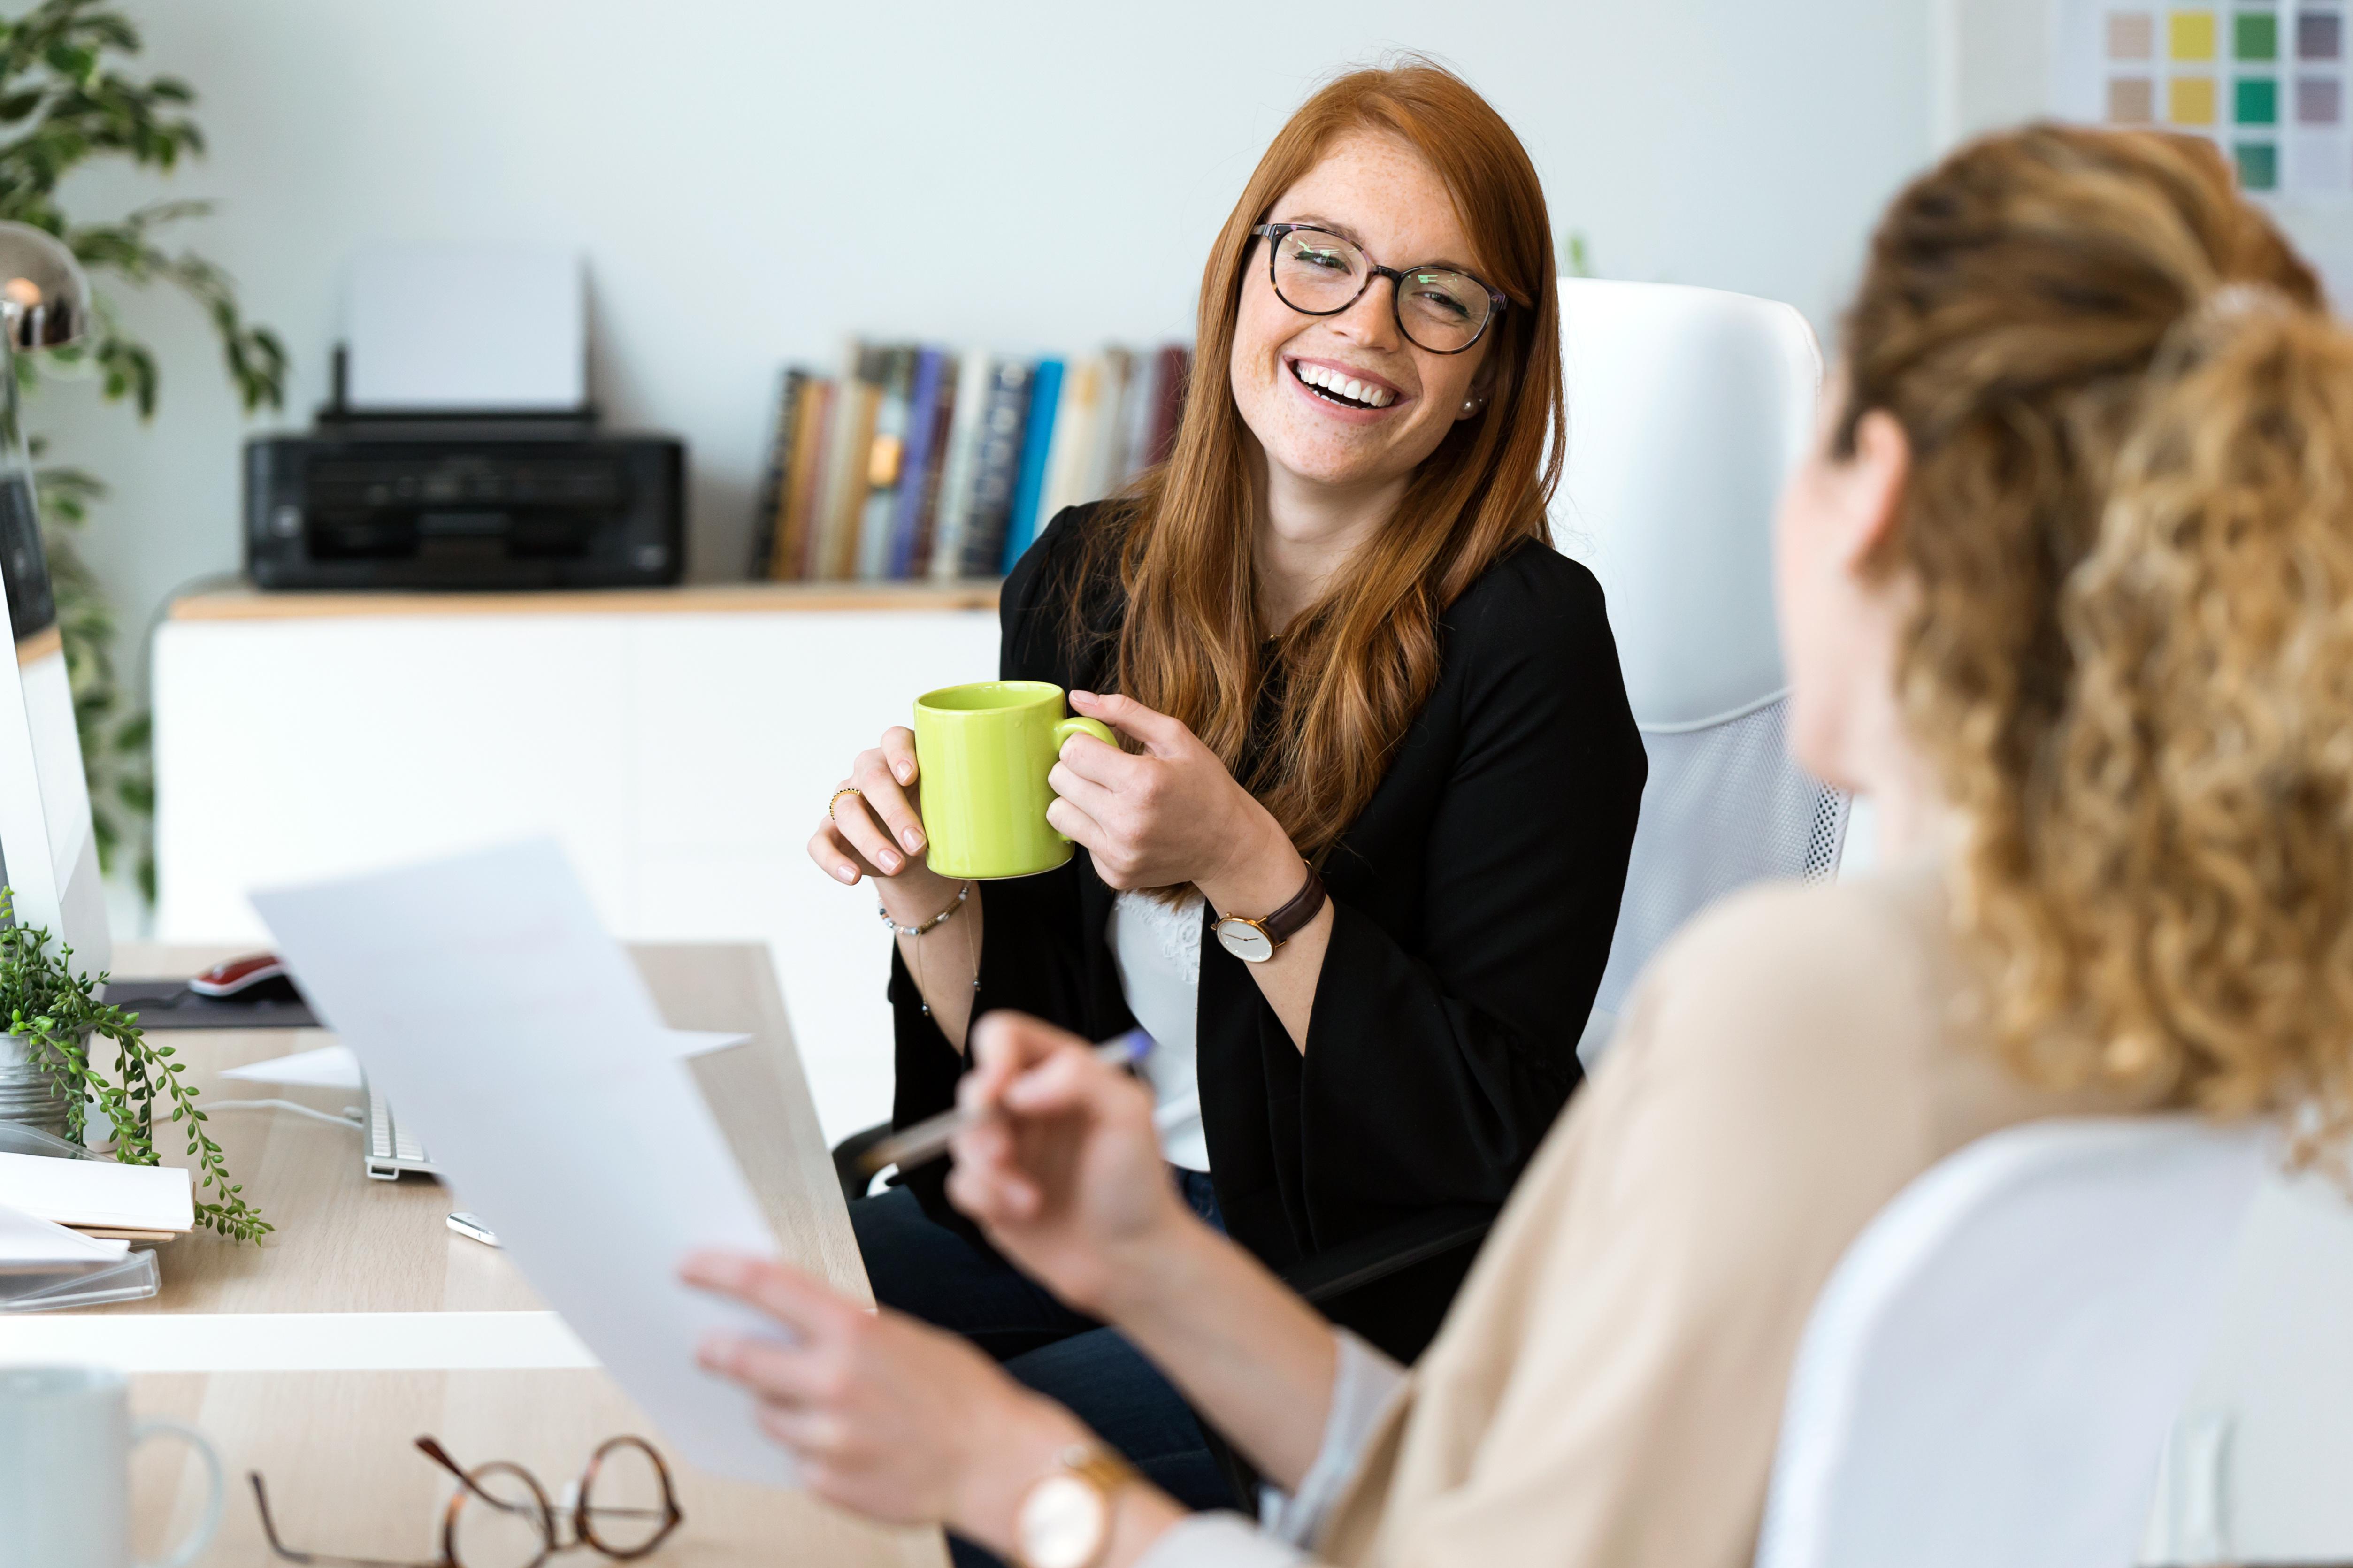 Zwei Frauen sitzen an einem Schreibtisch und unterhalten sich in gelöster Stimmung